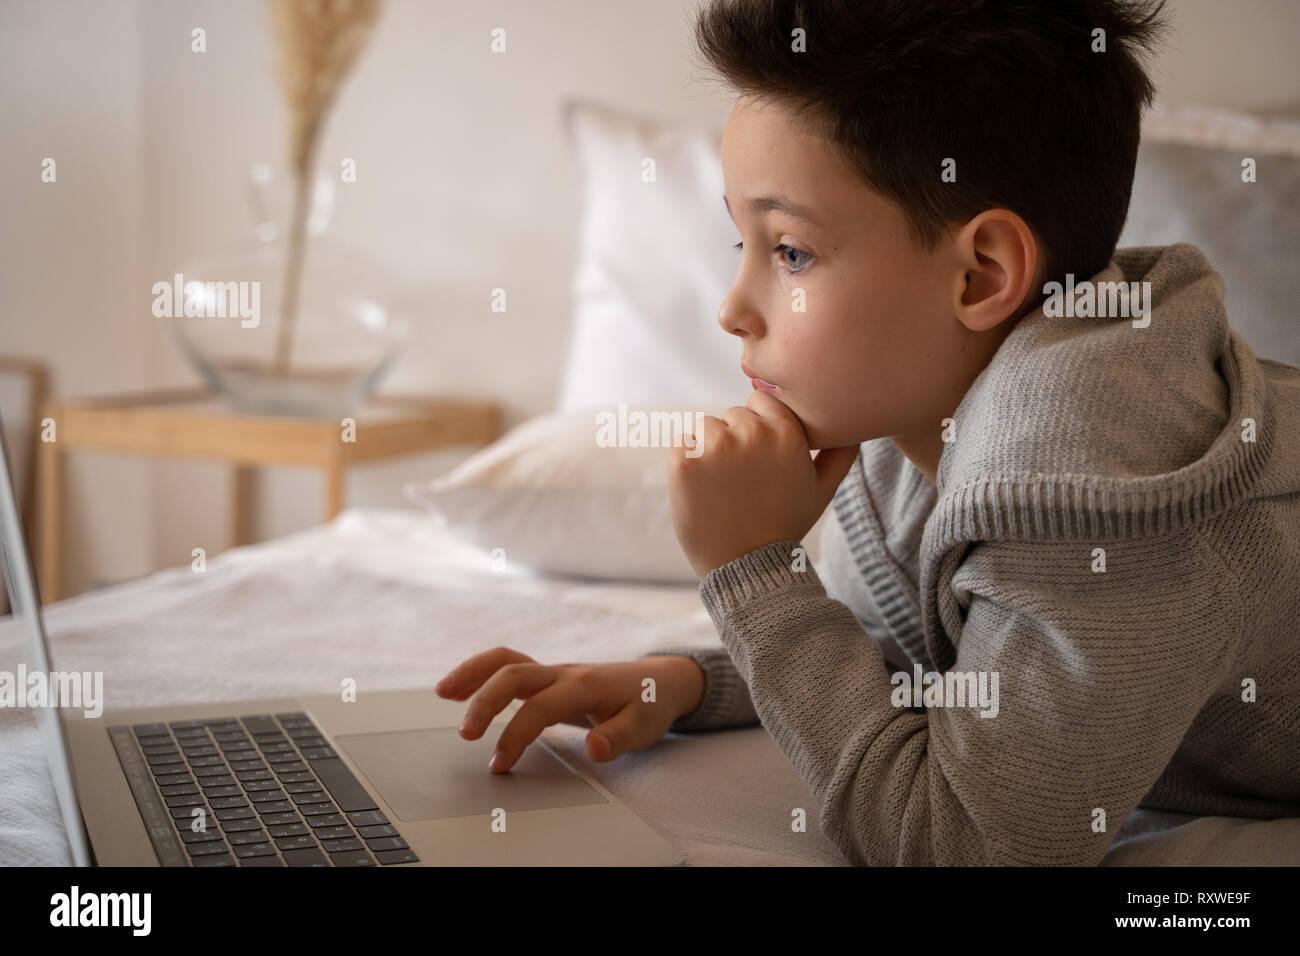 Un piccolo ragazzo seduto su un letto grande con un laptop libro e guarda nella telecamera. Immagini Stock